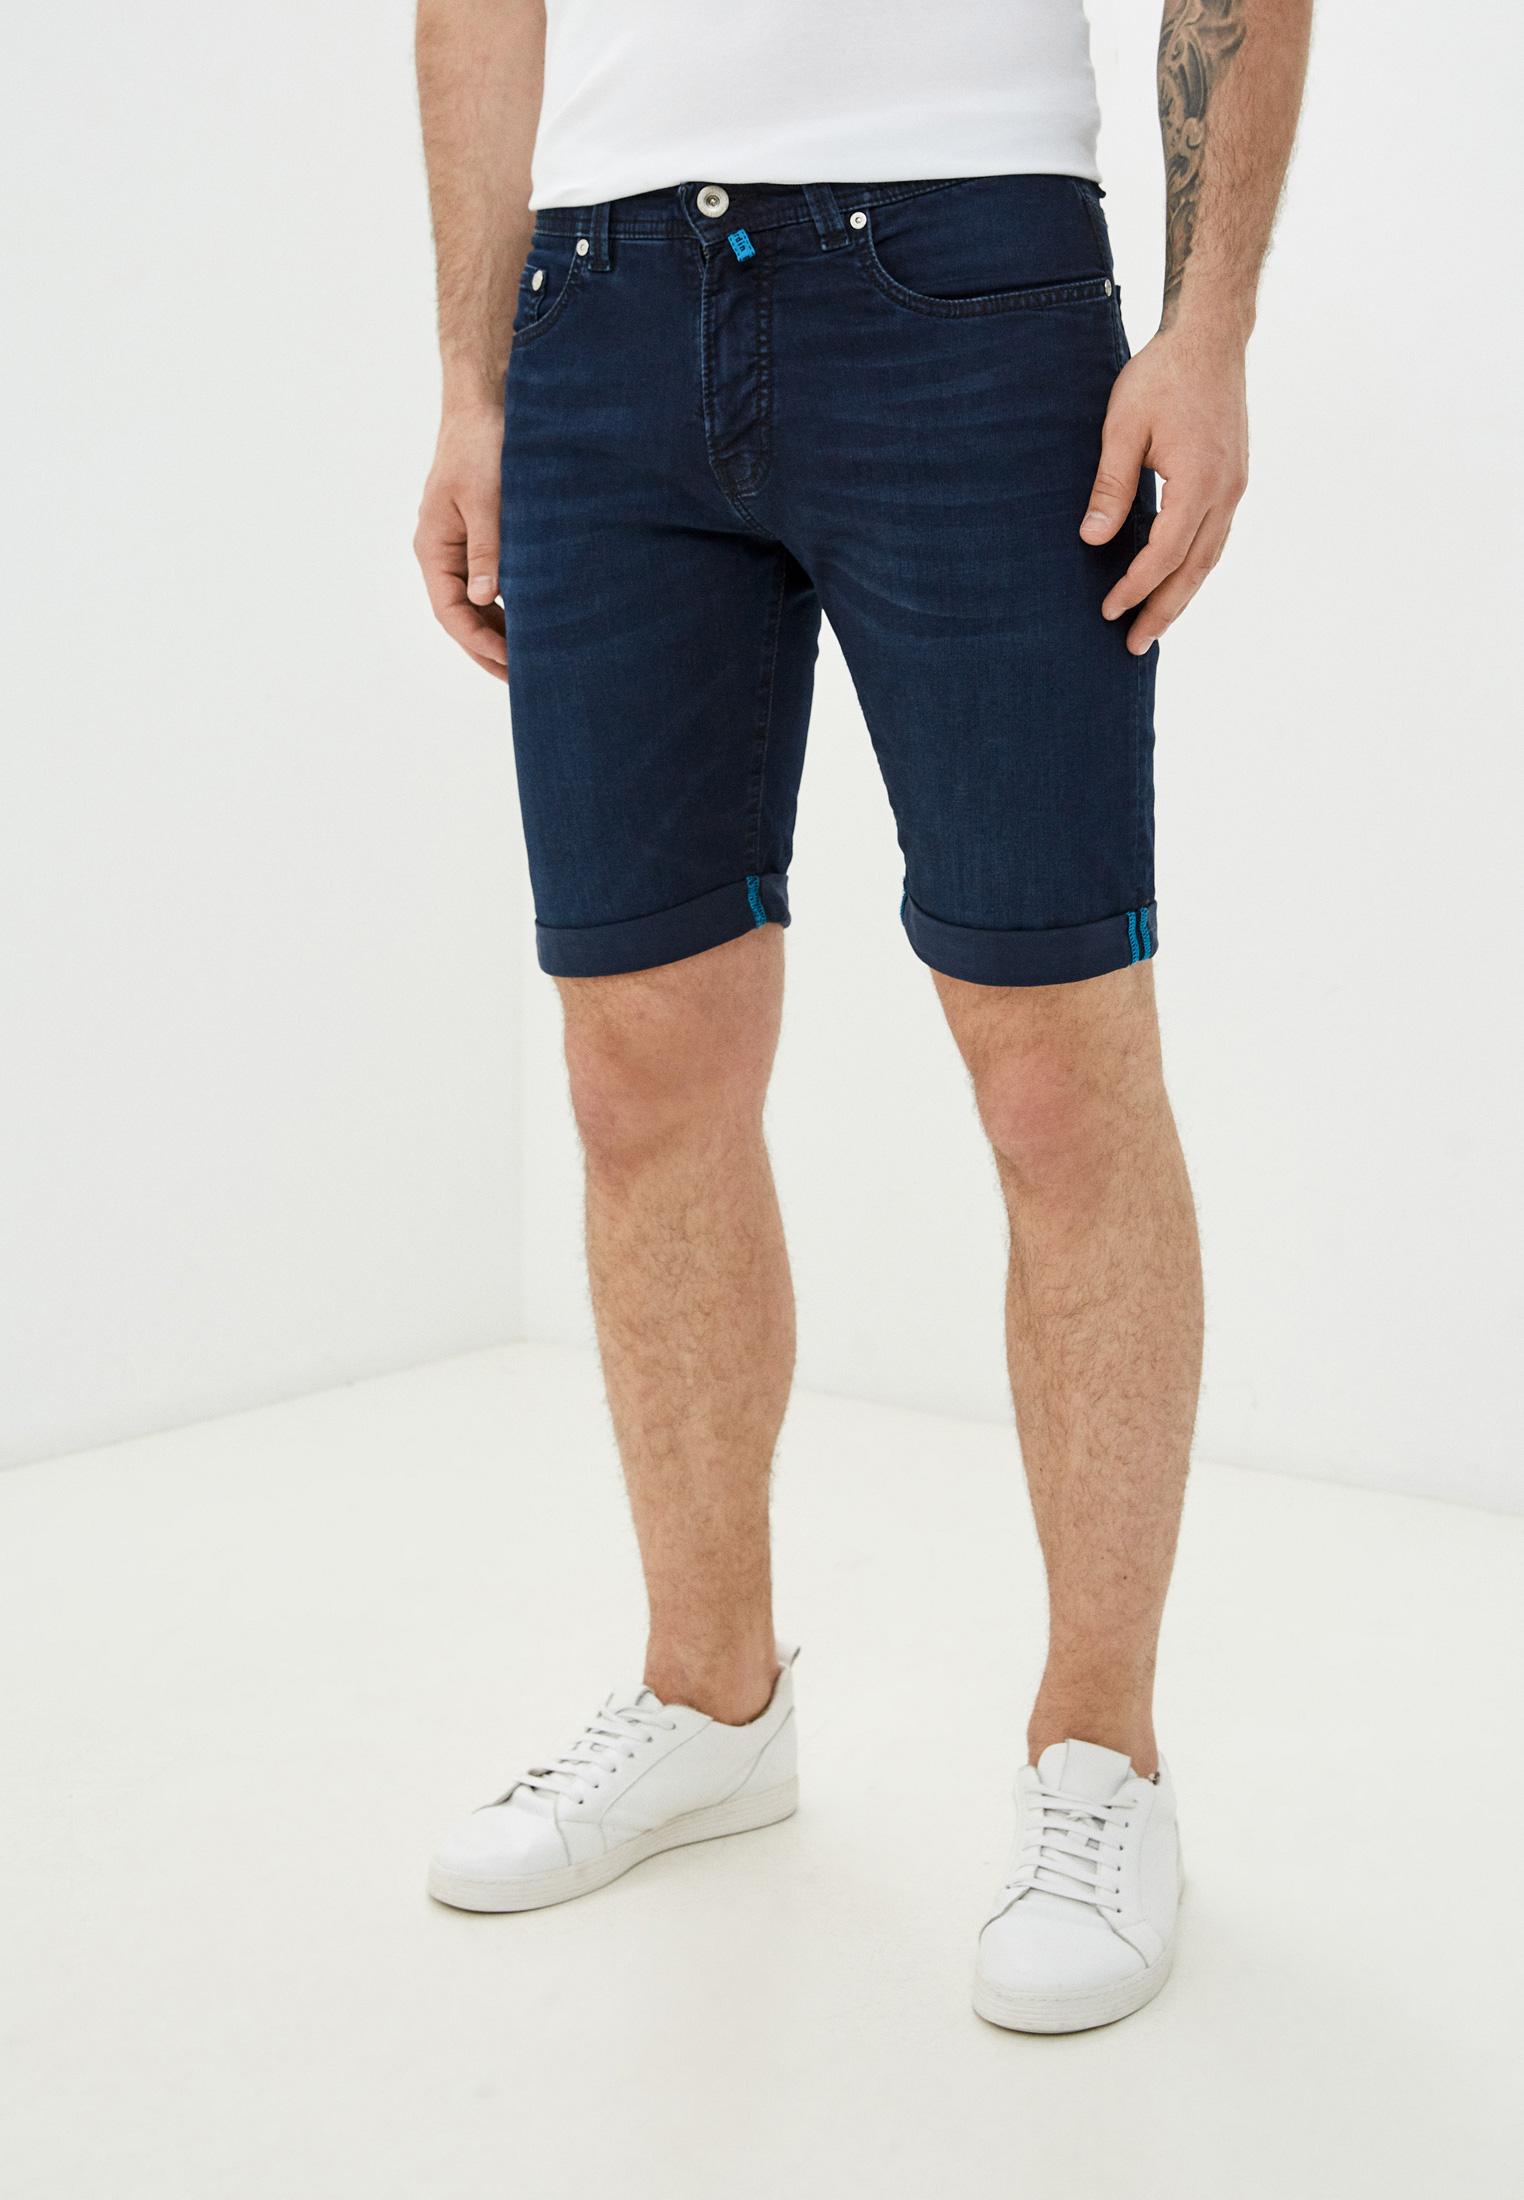 Мужские джинсовые шорты Pierre Cardin (Пьер Кардин) 3452.8885.42